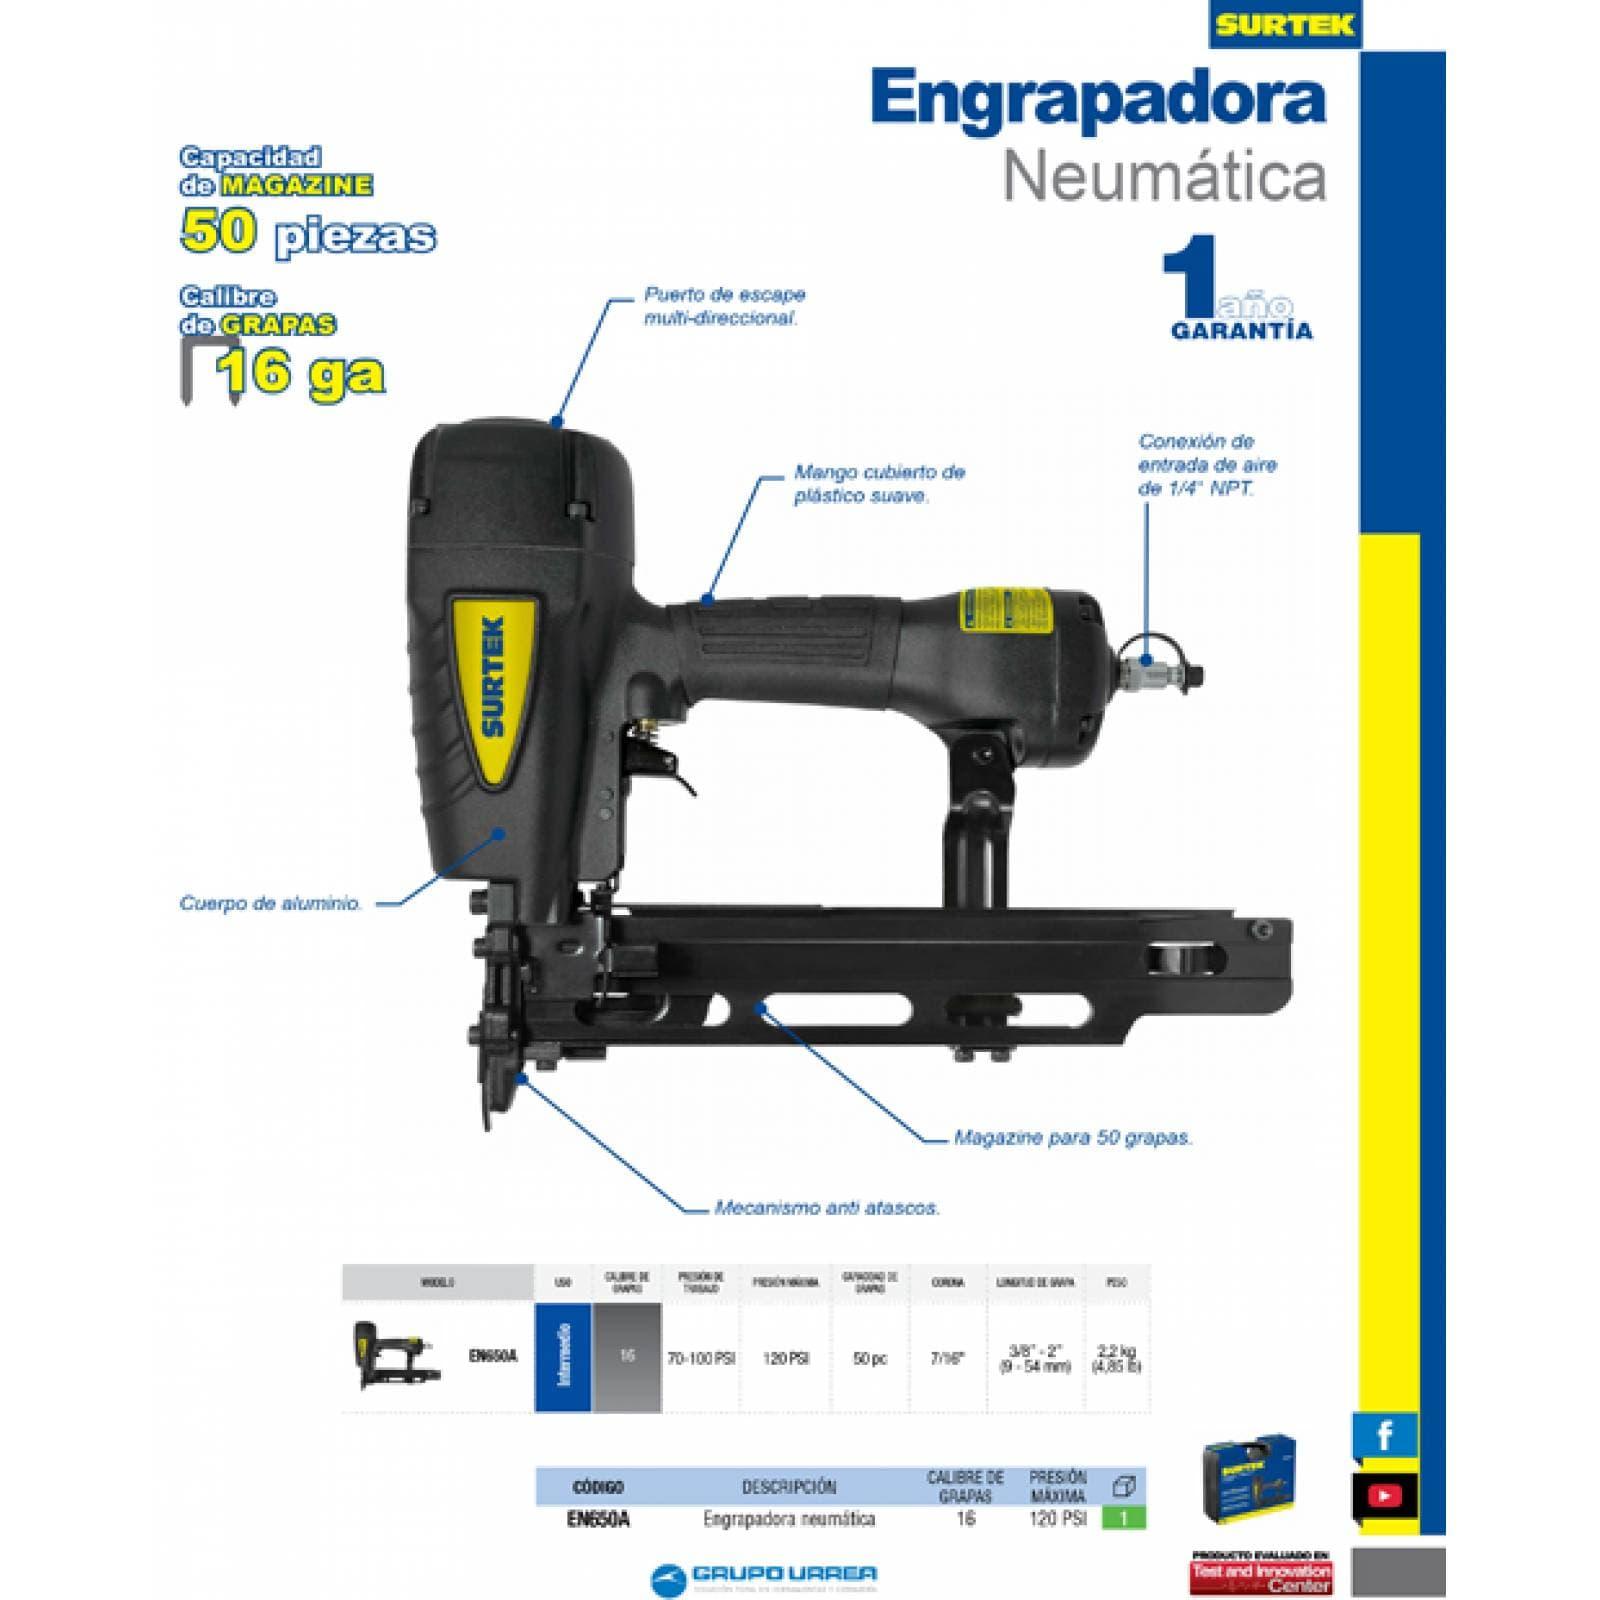 Engrapadora Neumática Presión Máxima 120 Psi En650A Surtek